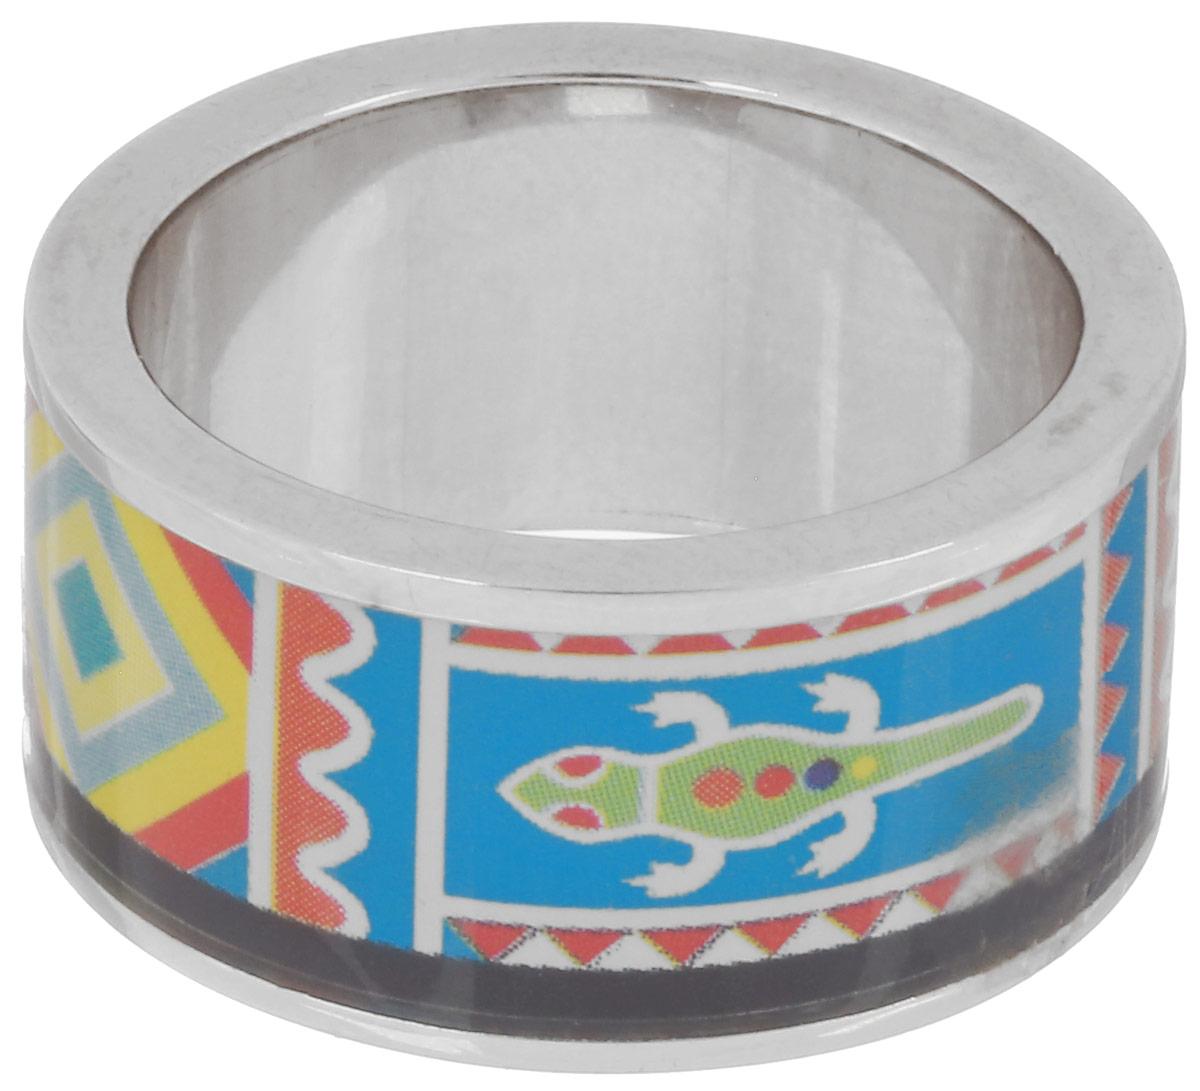 Кольцо Art-Silver, цвет: серебристый, голубой, мультиколор. ФК103-320. Размер 17,5ФК103-320Великолепное кольцо Art-Silver изготовлено из бижутерного сплава. Изделие с покрытием из эмали оформлено принтом в виде оригинального орнамента. Стильное кольцо придаст вашему образу изюминку и подчеркнет индивидуальность.